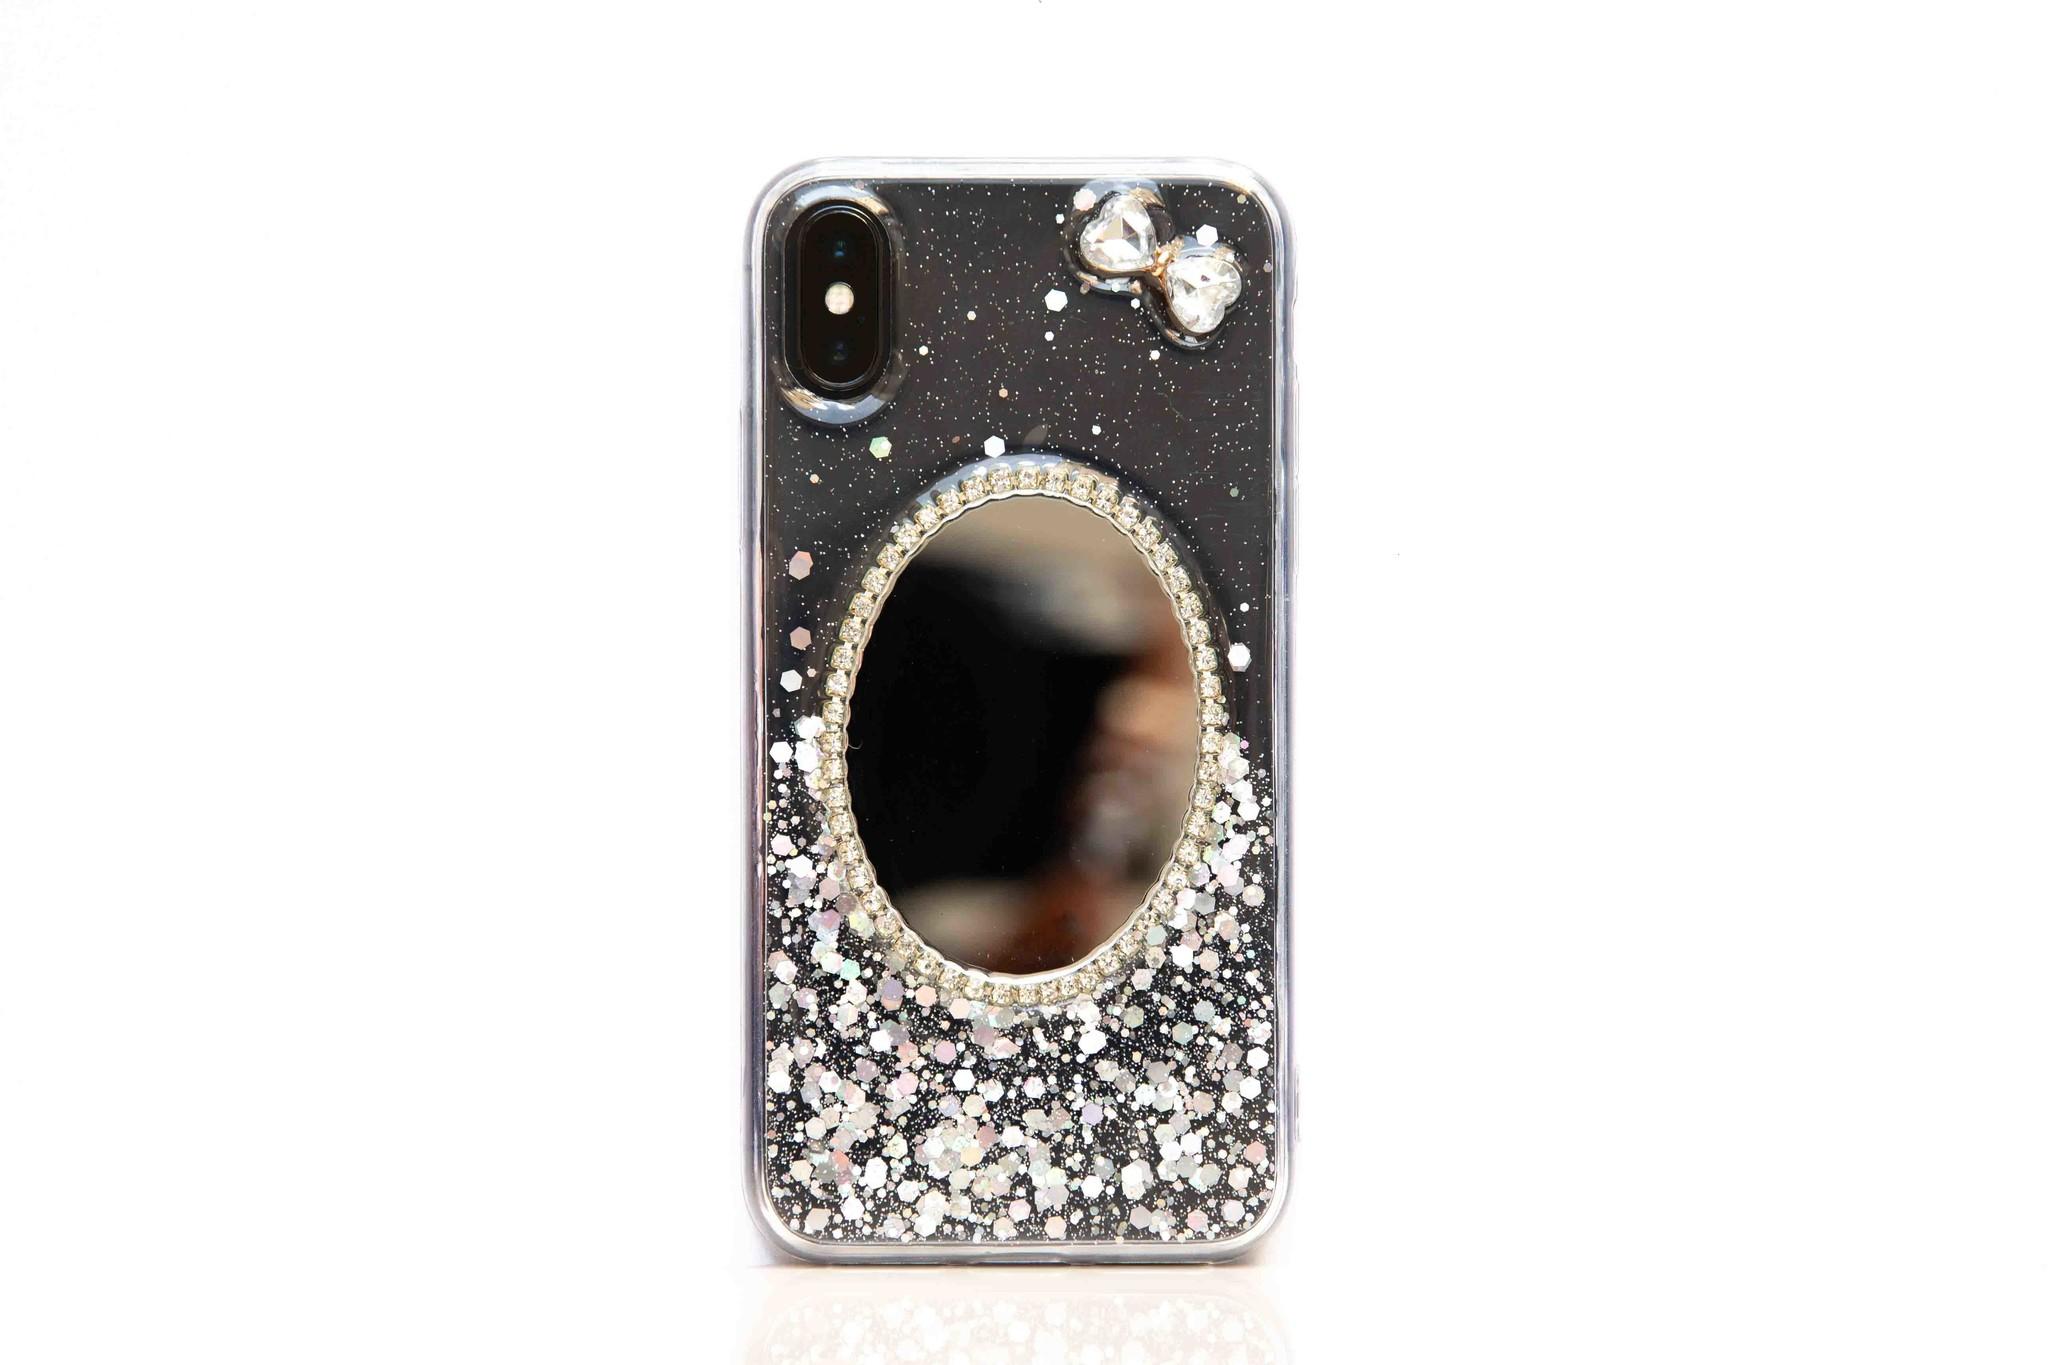 Smartphonehoesje iPhone 7 plus / 8 plus   Bling (met spiegel)   Zilver